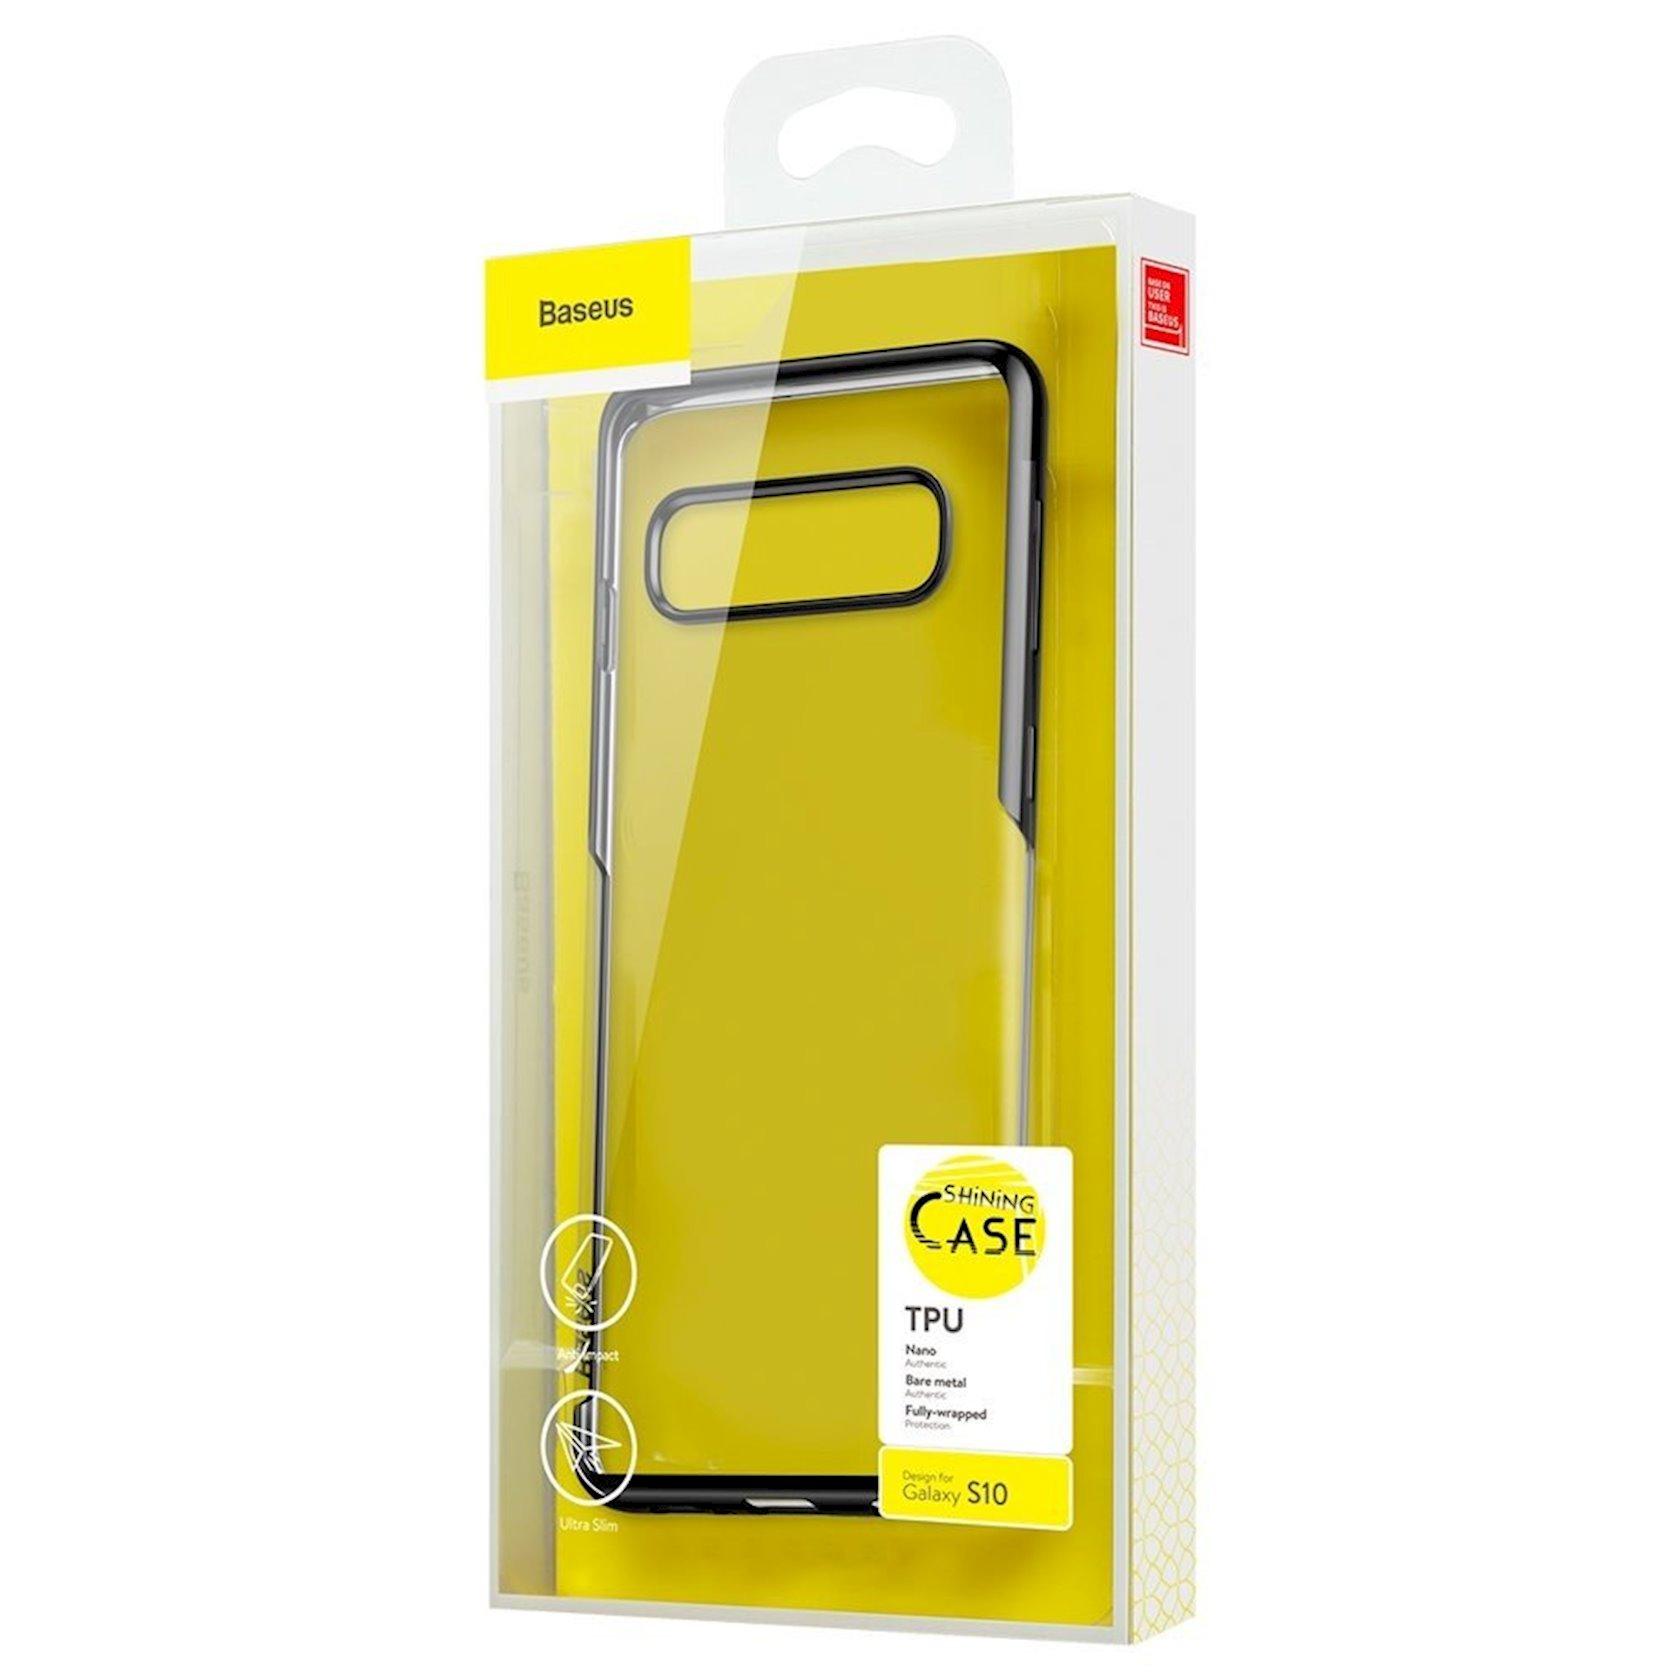 Çexol Baseus Shining Case Samsung Galaxy S10 üçün